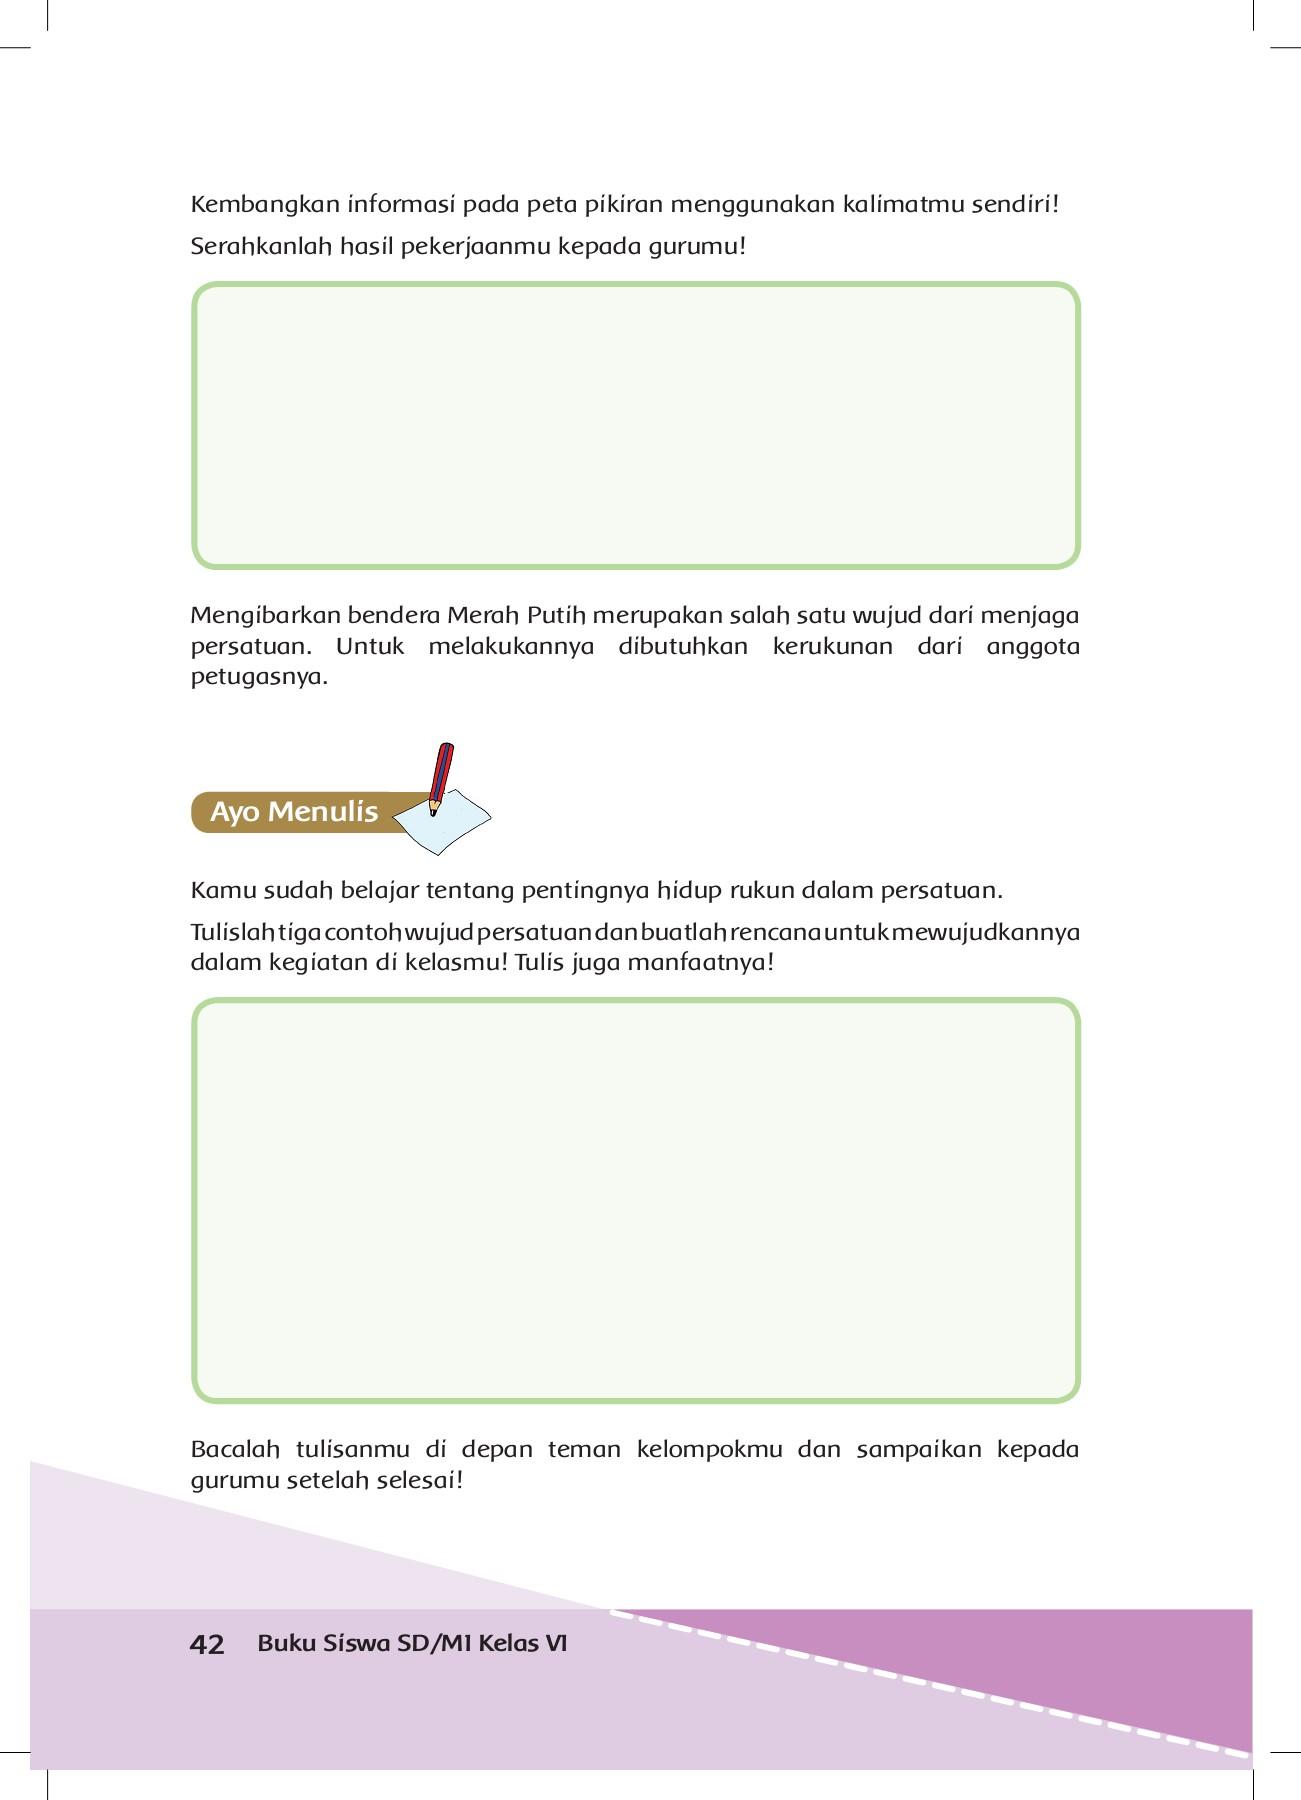 Kembangkan Informasi Pada Peta Pikiran Menggunakan Kalimatmu Sendiri : kembangkan, informasi, pikiran, menggunakan, kalimatmu, sendiri, Pages, Download, FlipHTML5